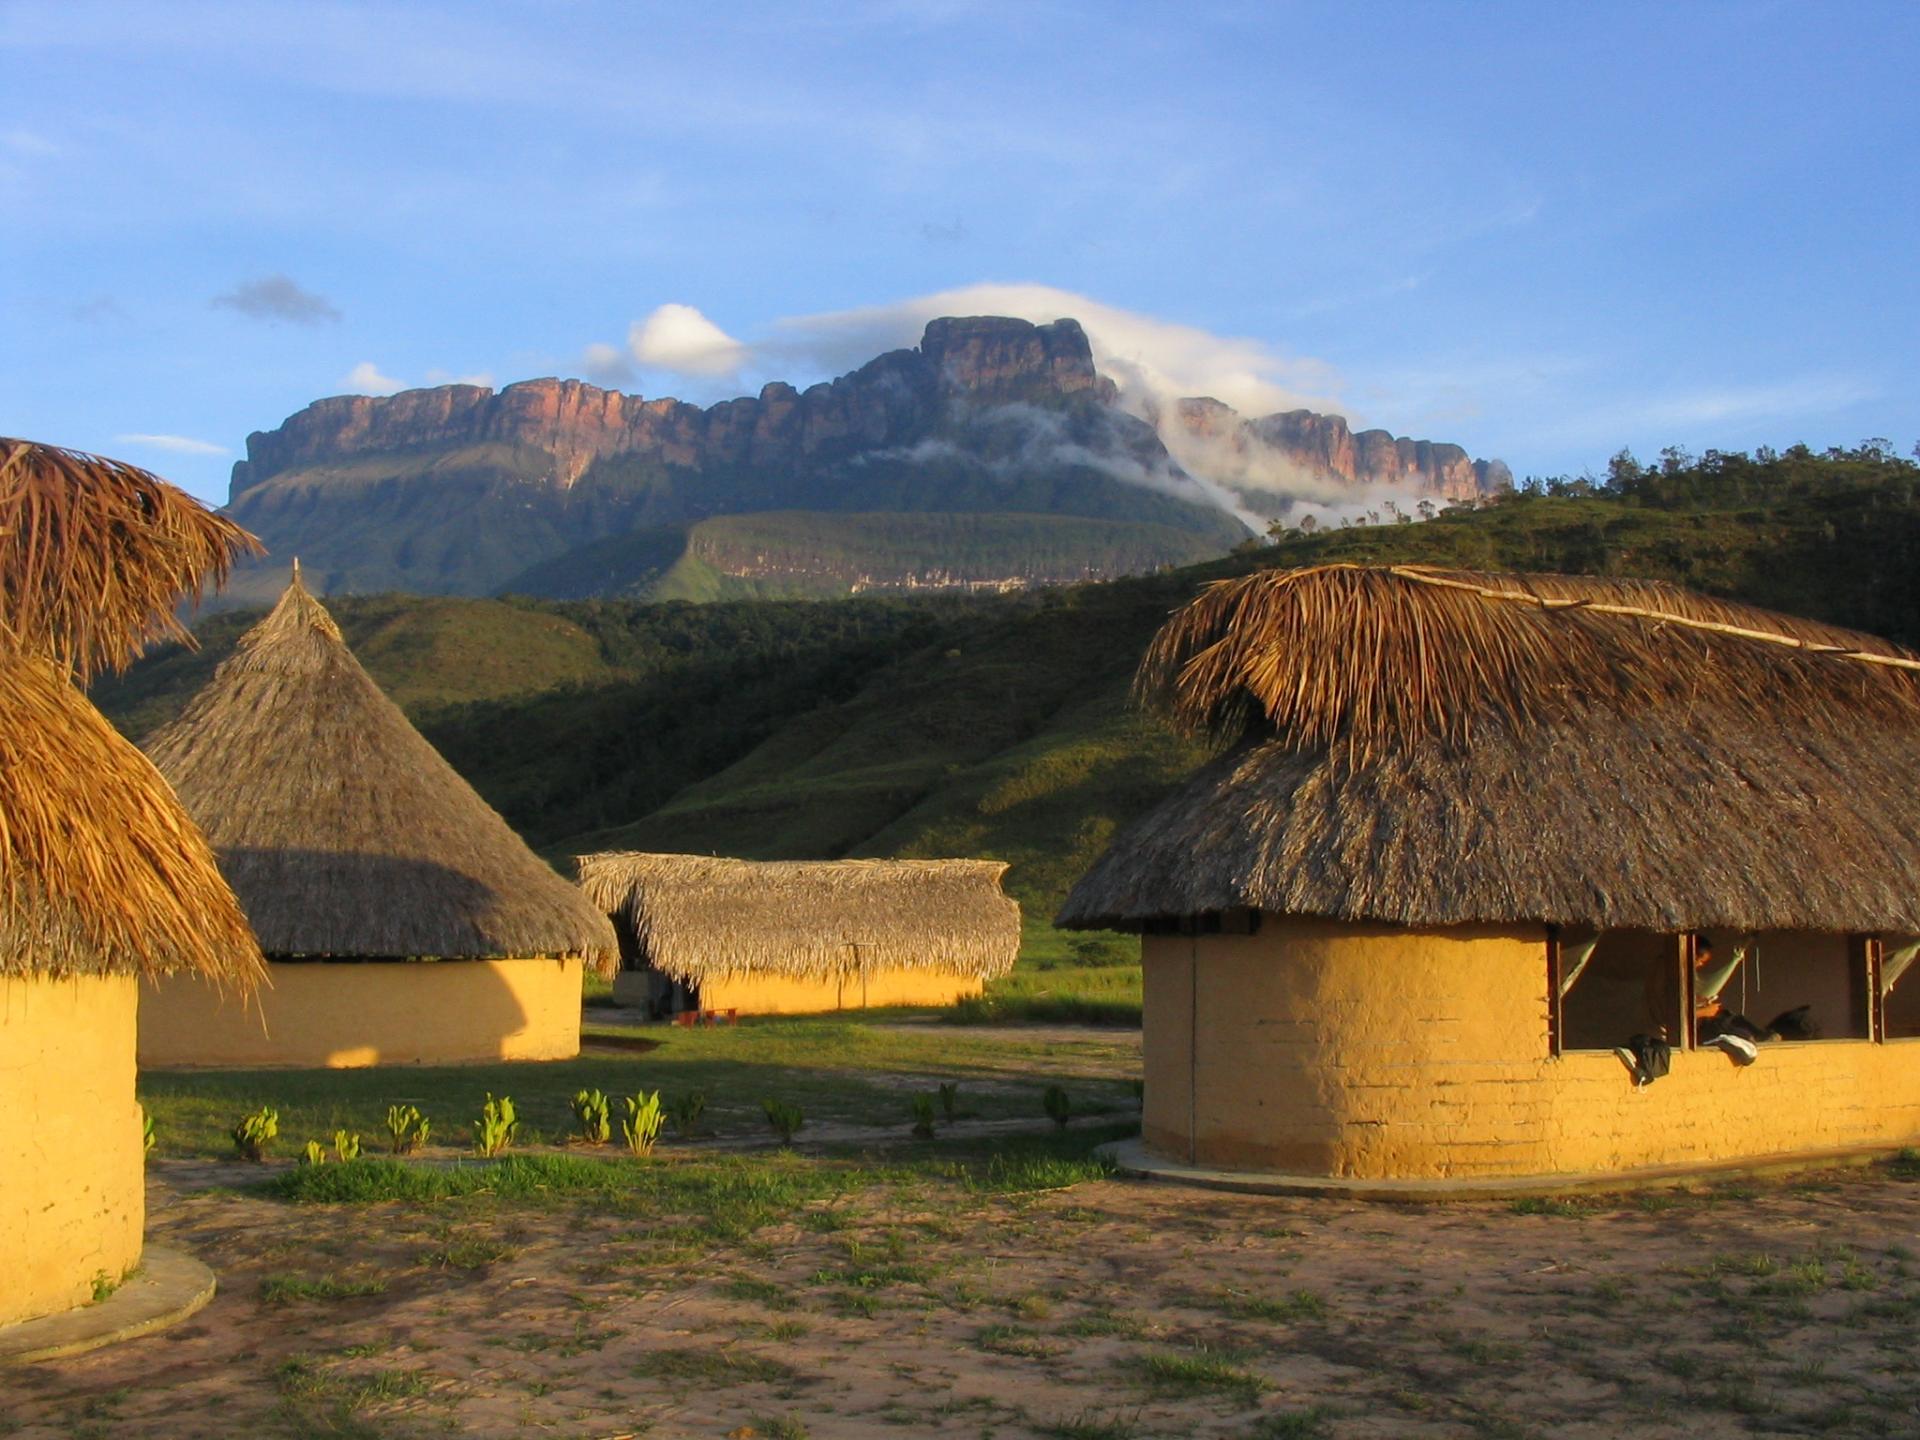 Entdecken Sie den Tafelberg Auyan auf einer Rundreise in Venezuela